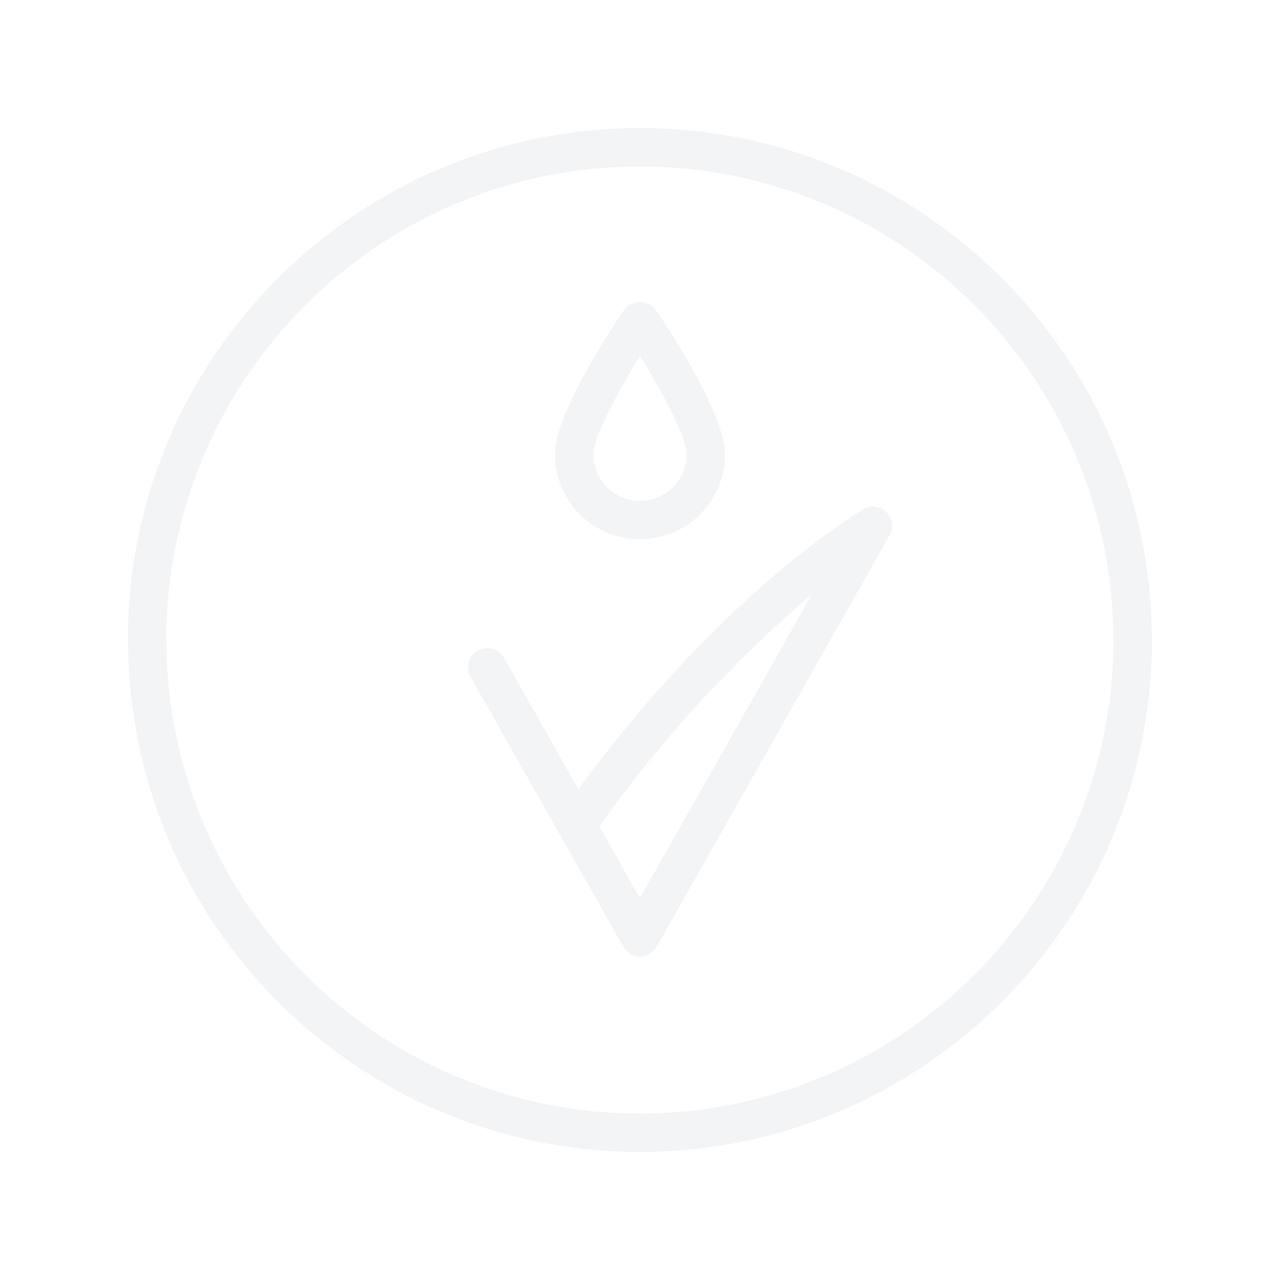 HOLIKA HOLIKA Daily Fresh Olive Cleansing Tissue 60pcs очищающие салфетки